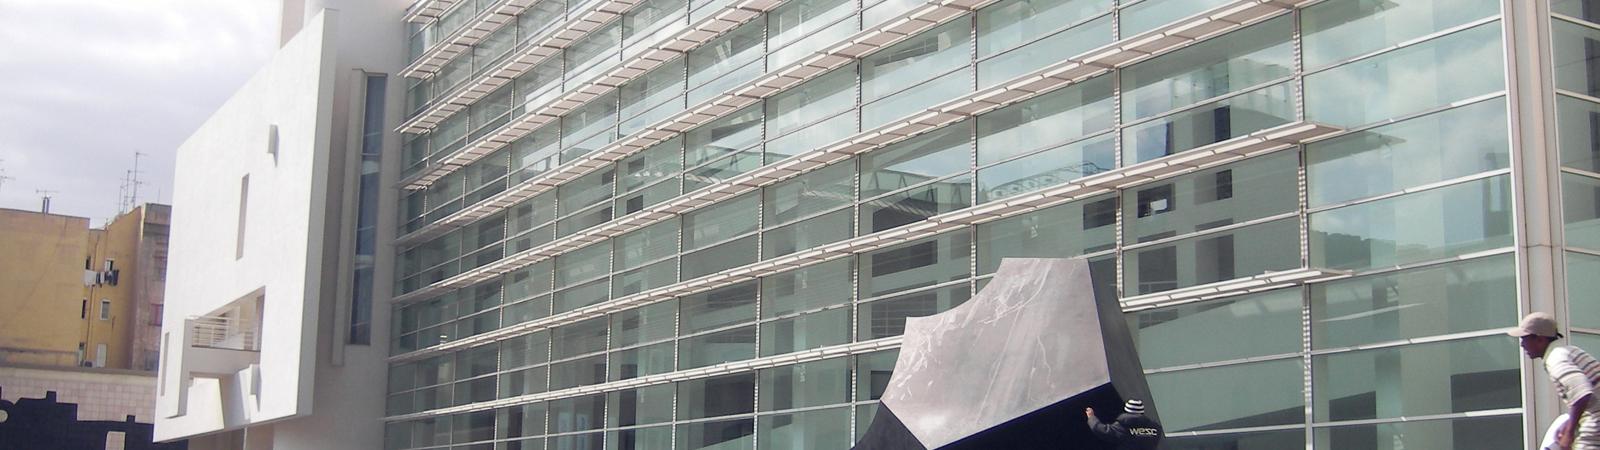 Rechtsanwalt_Spanien_Leistungen_gesellschaftsrecht_Kapitalgesellschaften